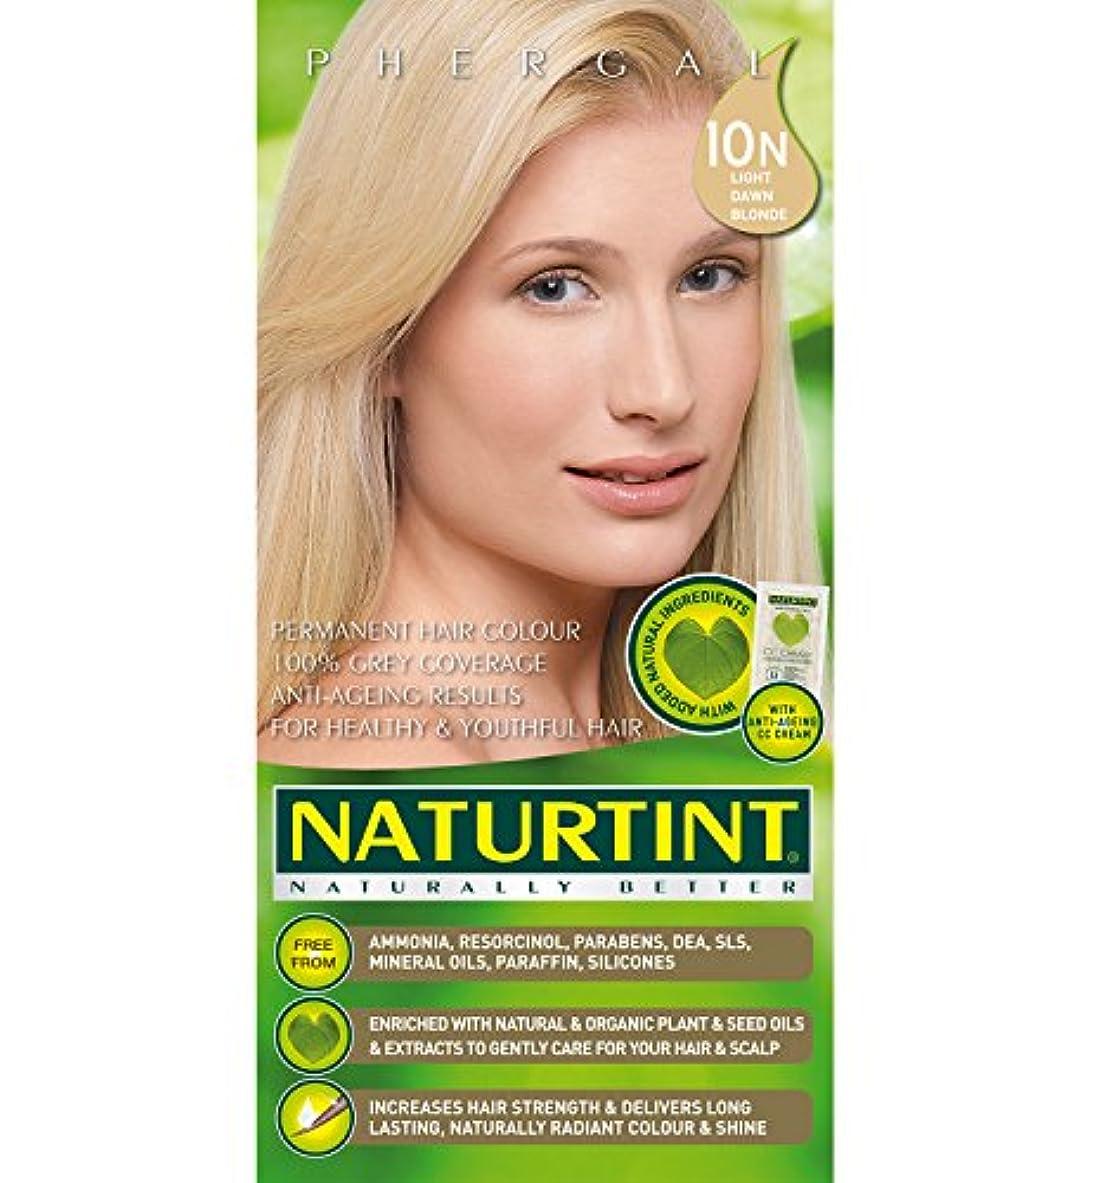 近代化つまらない柱Naturtint Hair Color 10N Light Dawn Blonde Count (並行輸入品)